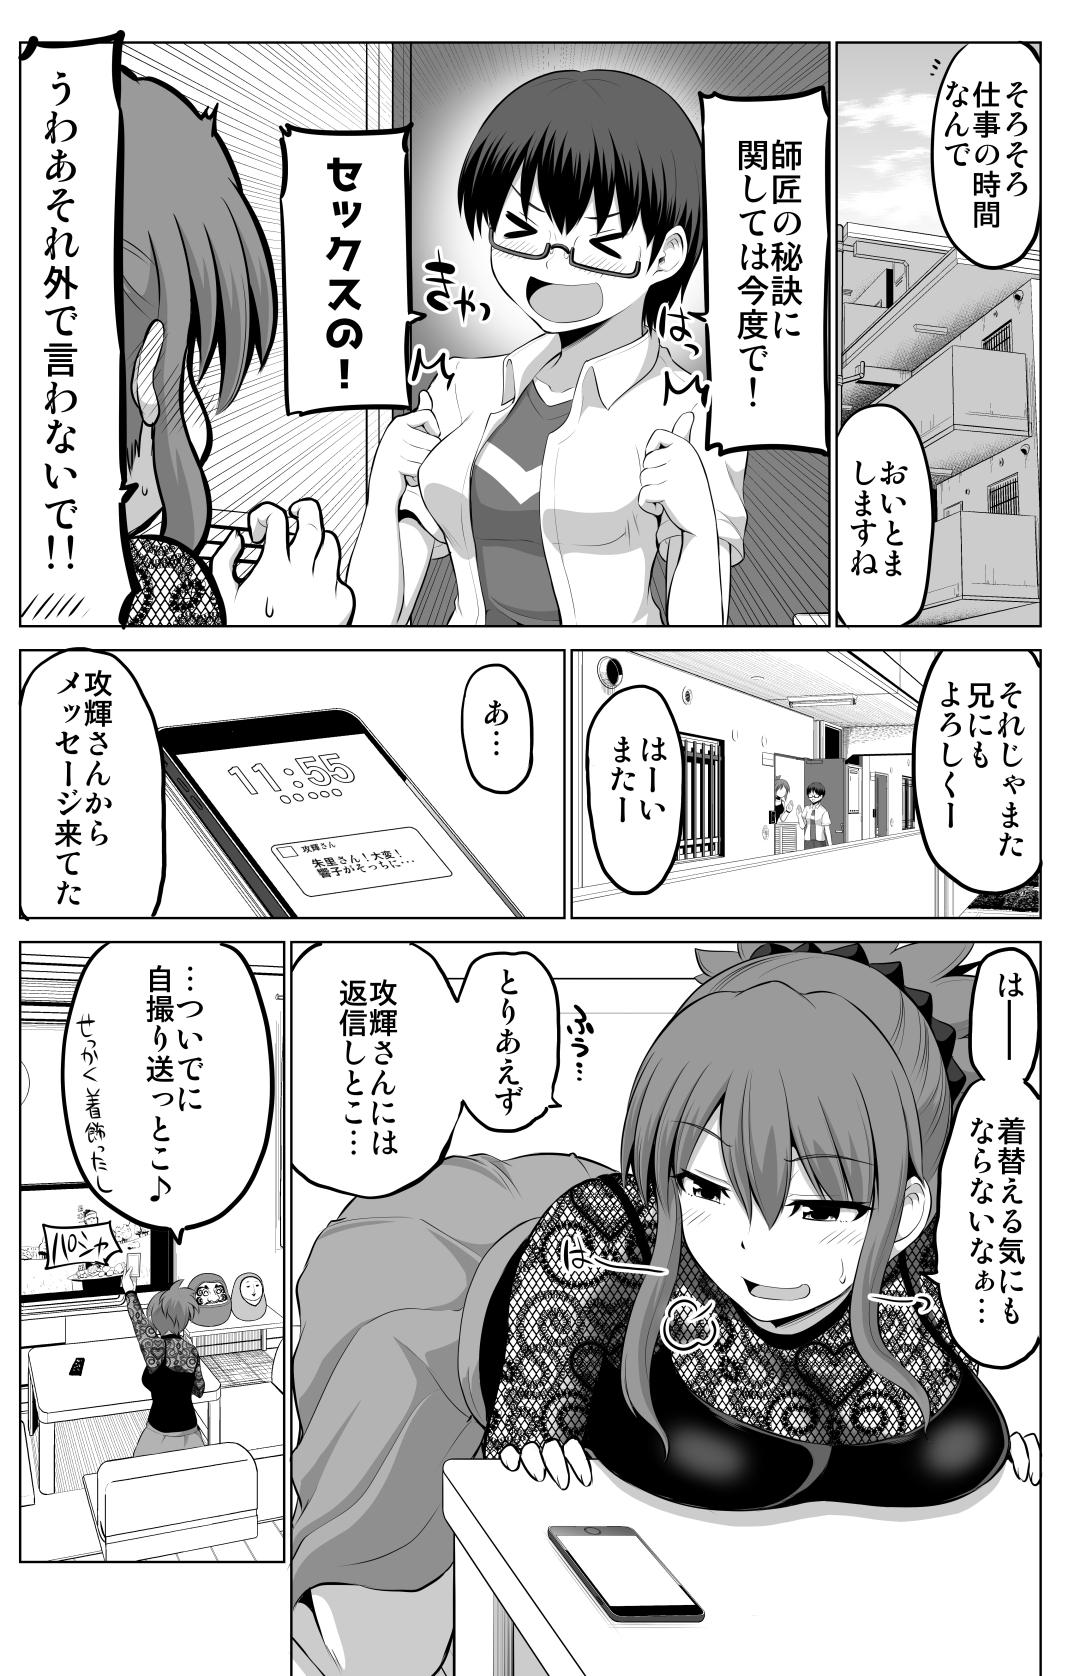 【第57話】防御力ゼロの嫁 夜のお出かけ編